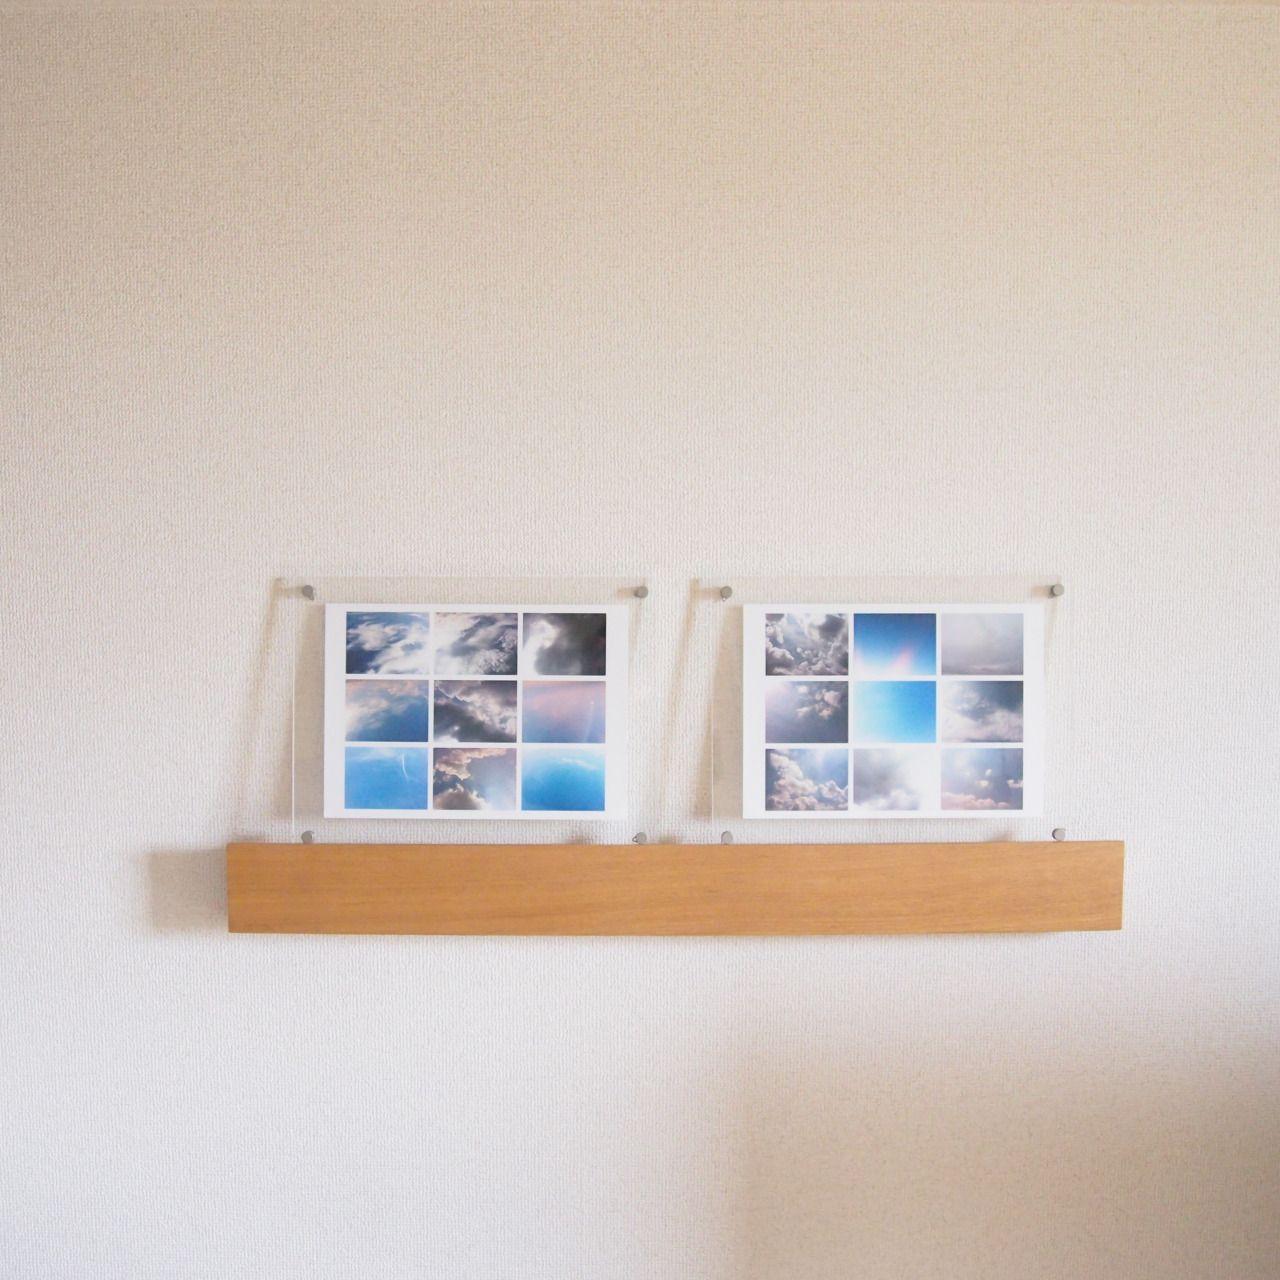 MUJI 無印良品 wall shelf and acrylic frames | MUJI* | Pinterest | Muji